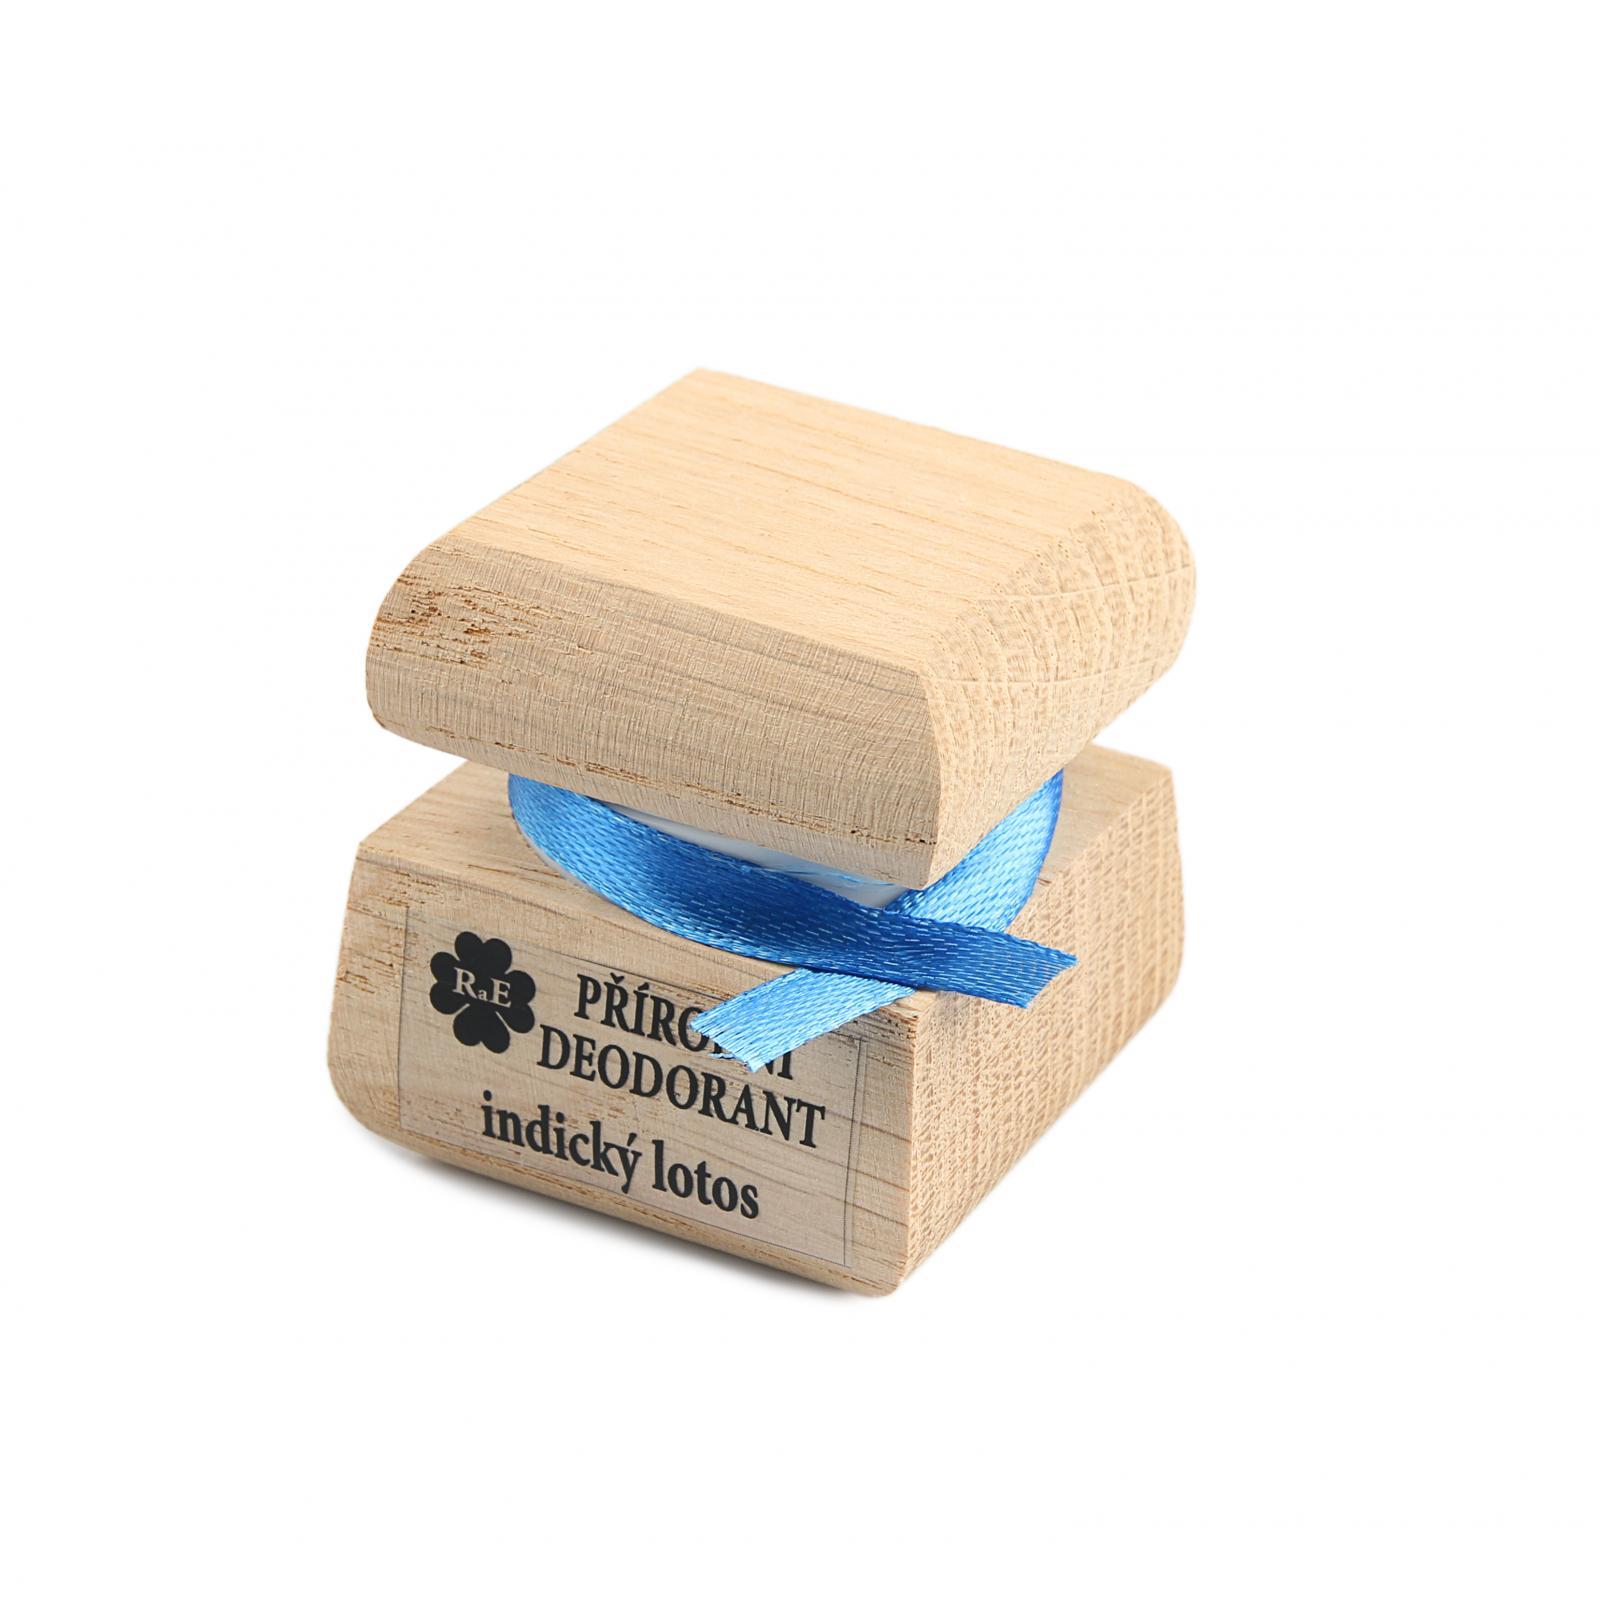 RaE Přírodní krémový deodorant s vůní indického lotosu 15 ml dřevěný obal